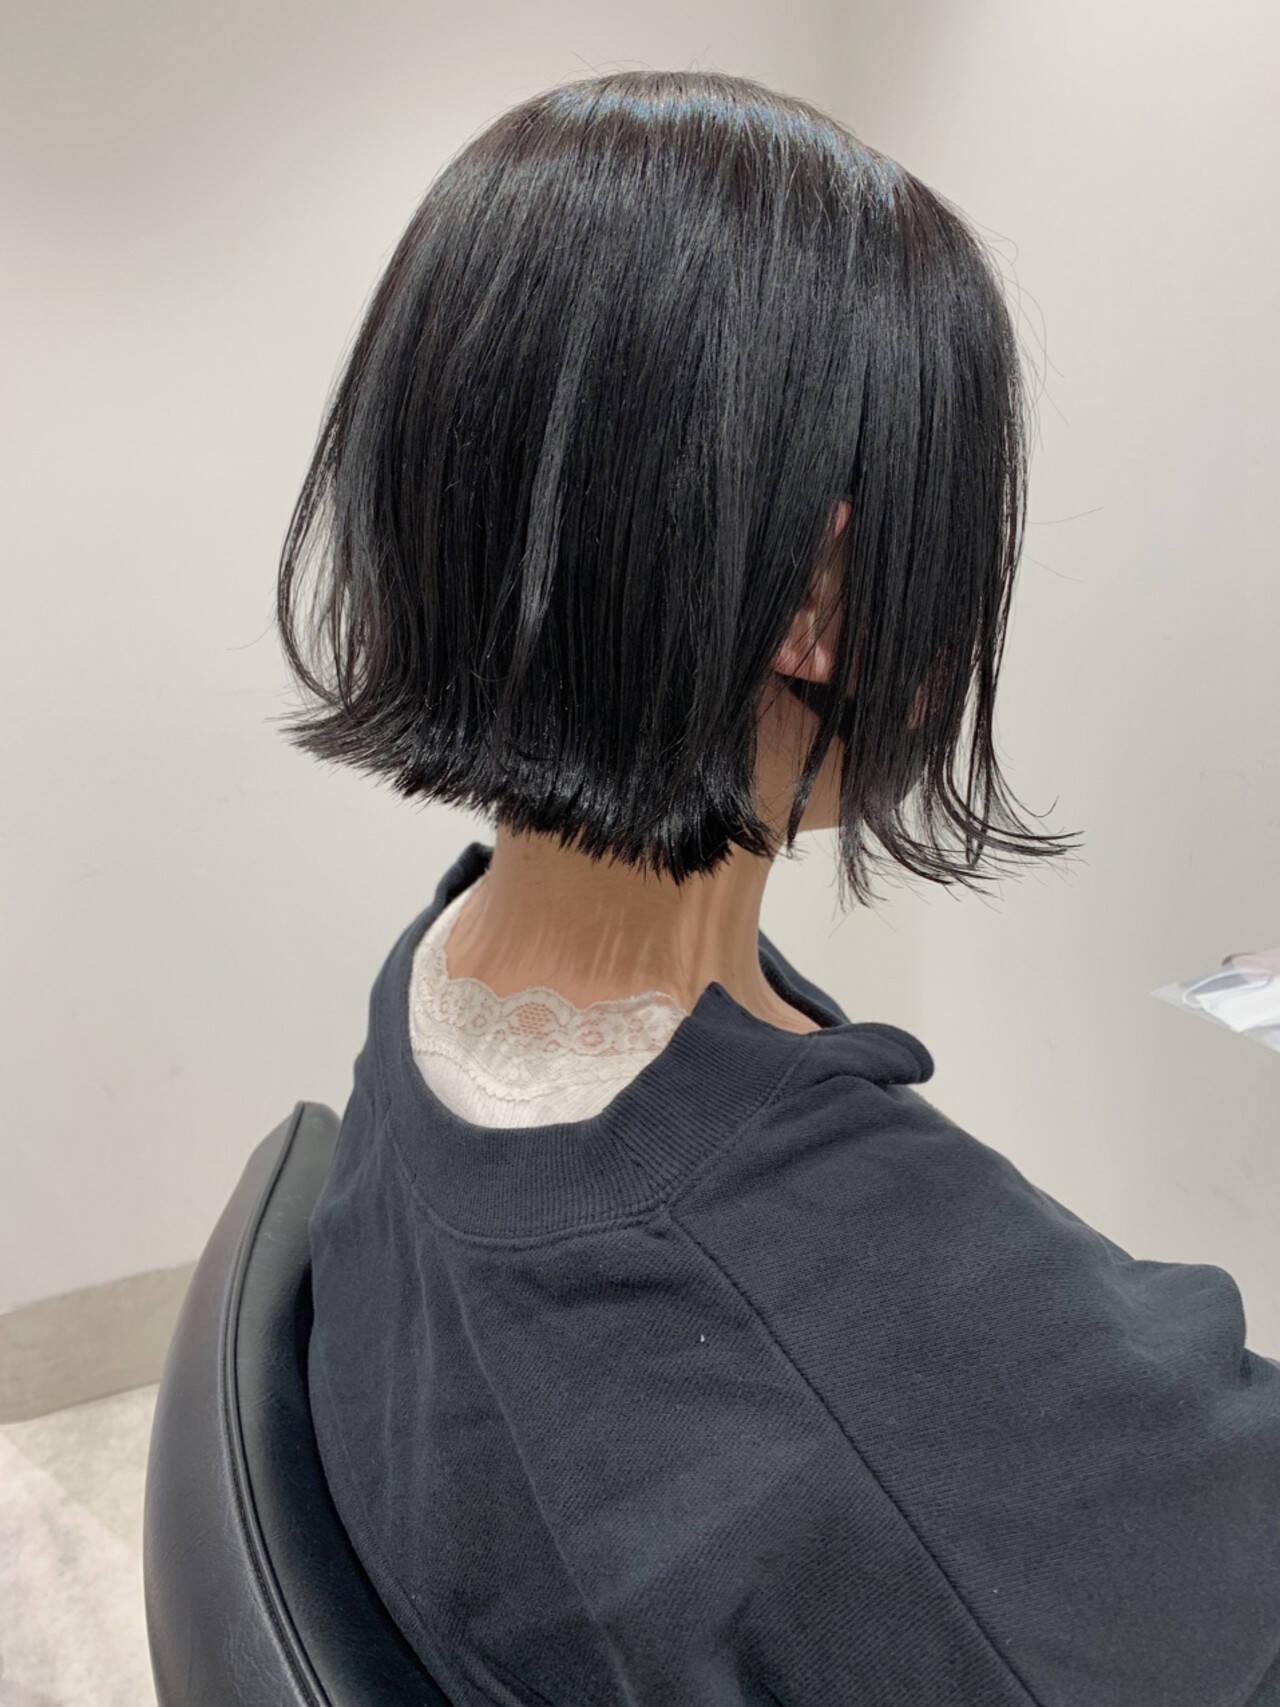 ナチュラル ミニボブ 暗髪 切りっぱなしボブヘアスタイルや髪型の写真・画像